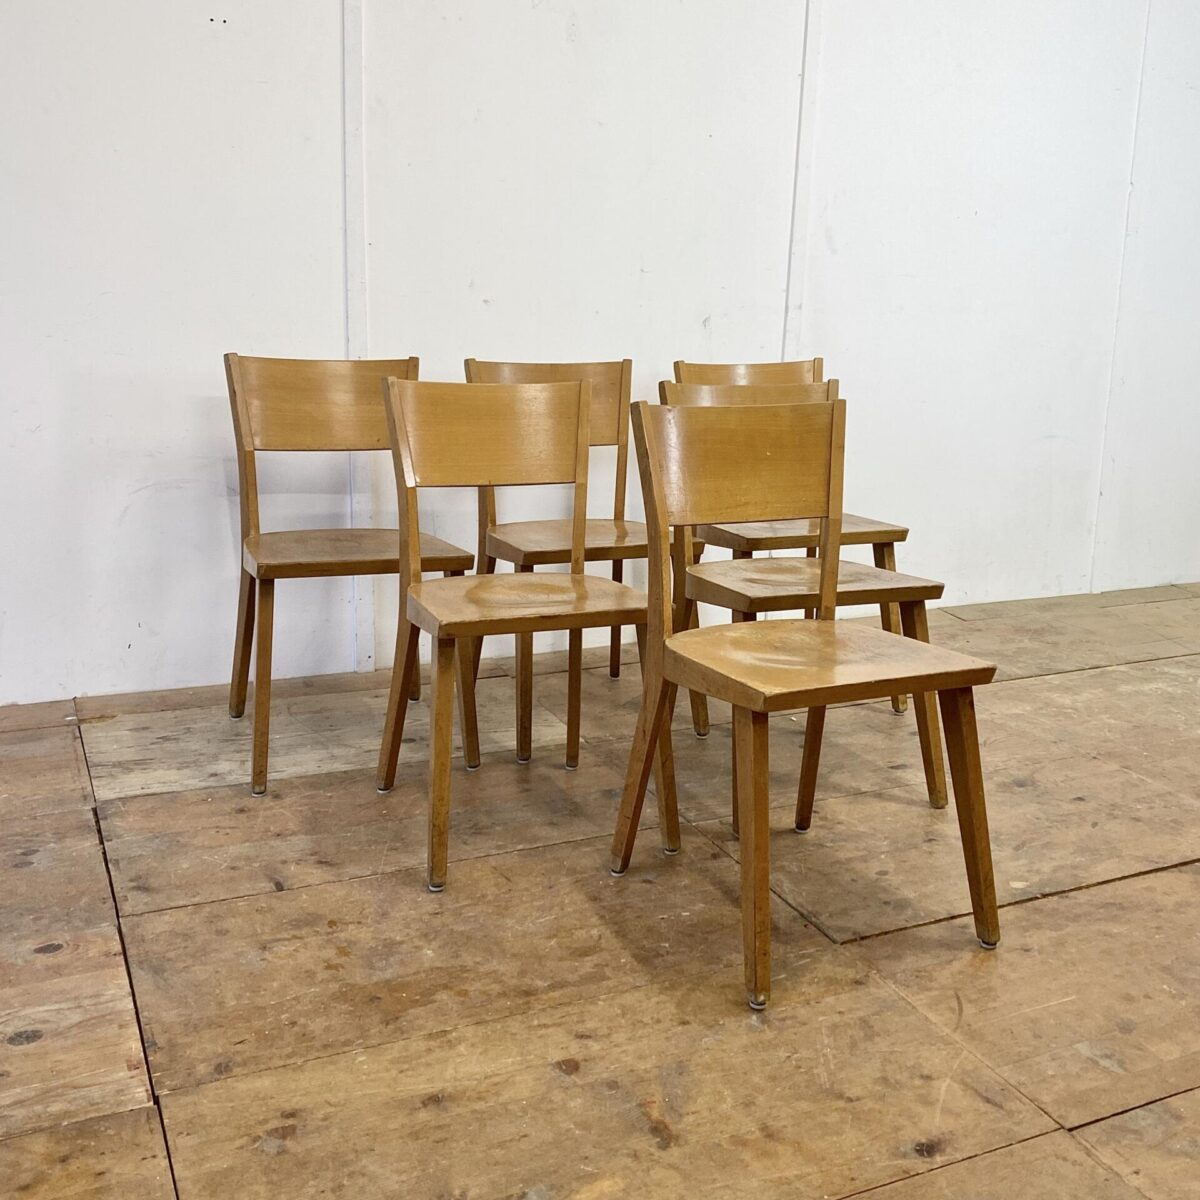 6er Set Beizenstühle. Diese Esszimmer Stühle mit Alterspatina, sind in stabilem guten Vintage Zustand. Mir gefallen die geradlinigen, kantigen Formen.